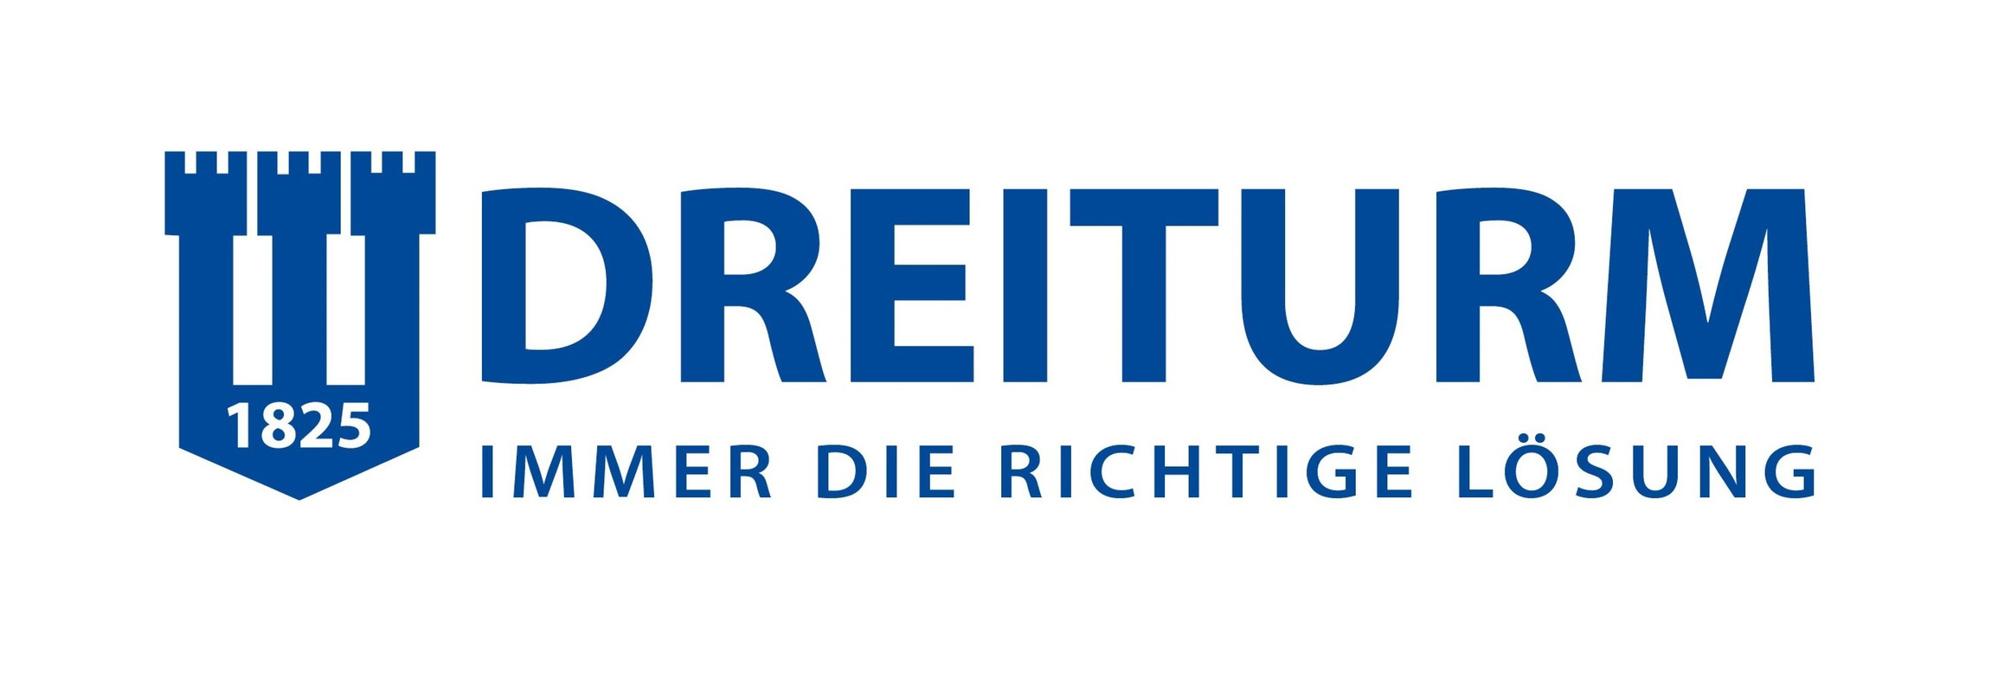 Dreiturm GmbH Ist Ihr Experte Für Reinigungsmittel, Gesundheits- & Kosmetikprodukte. Von Der Forschung Bis Hin Zur Herstellung, Abfüllung & Konfektionierung.